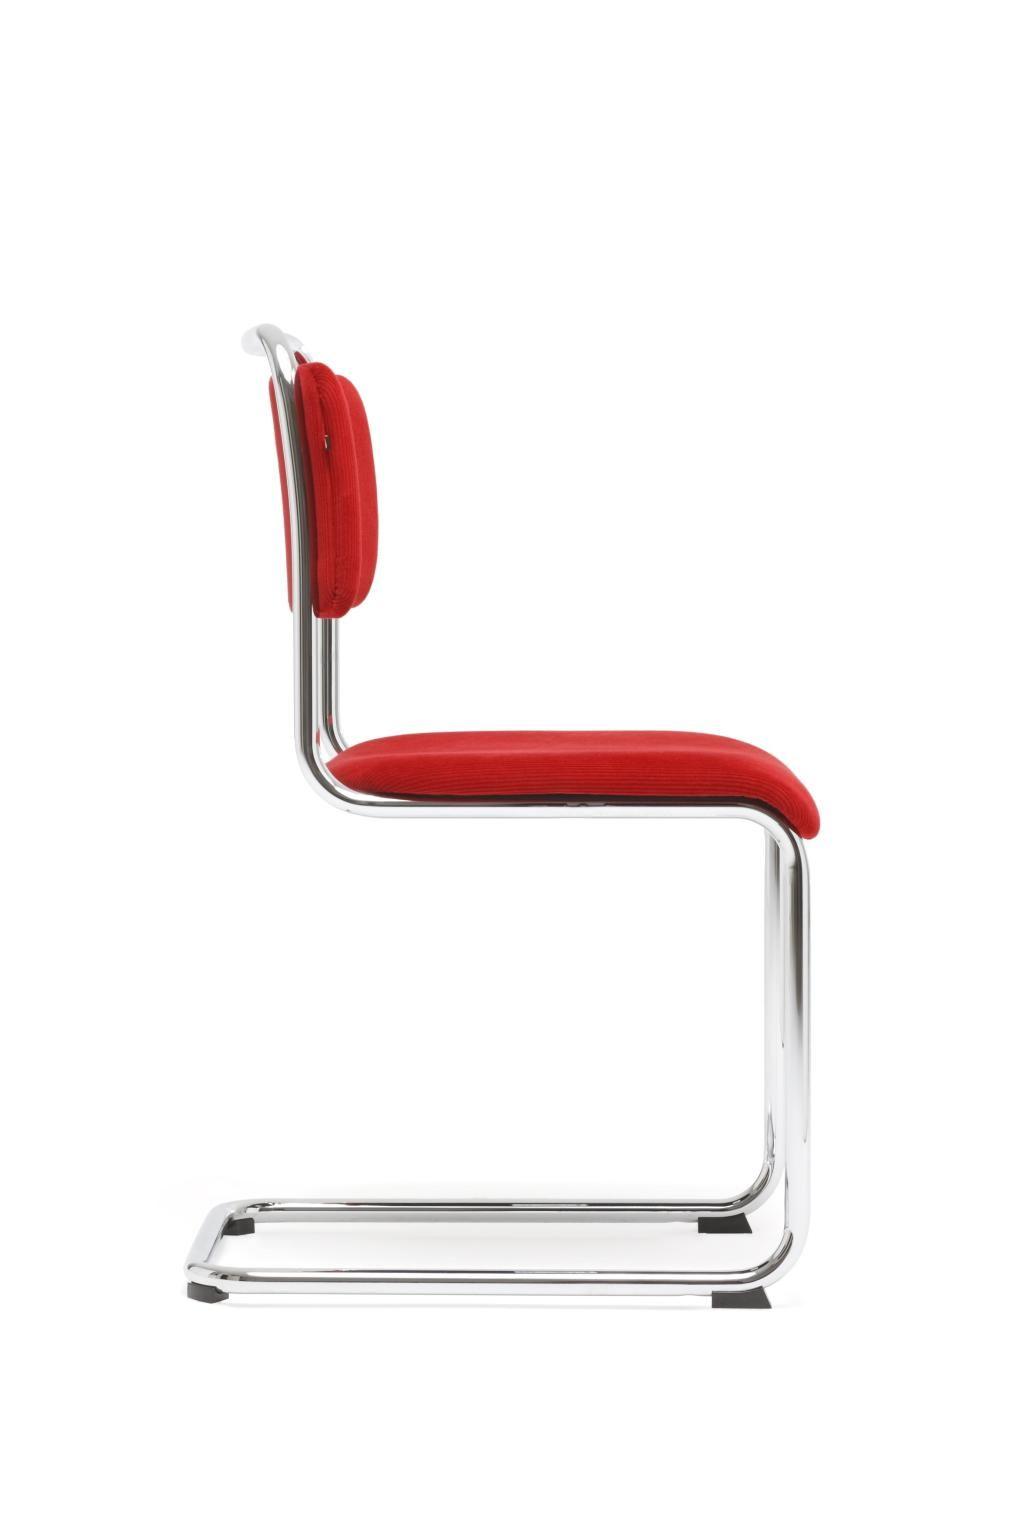 Gispen 101 Eetkamerstoelen.Gispen 101 Design Stoelen Hideaway Chair Design Design